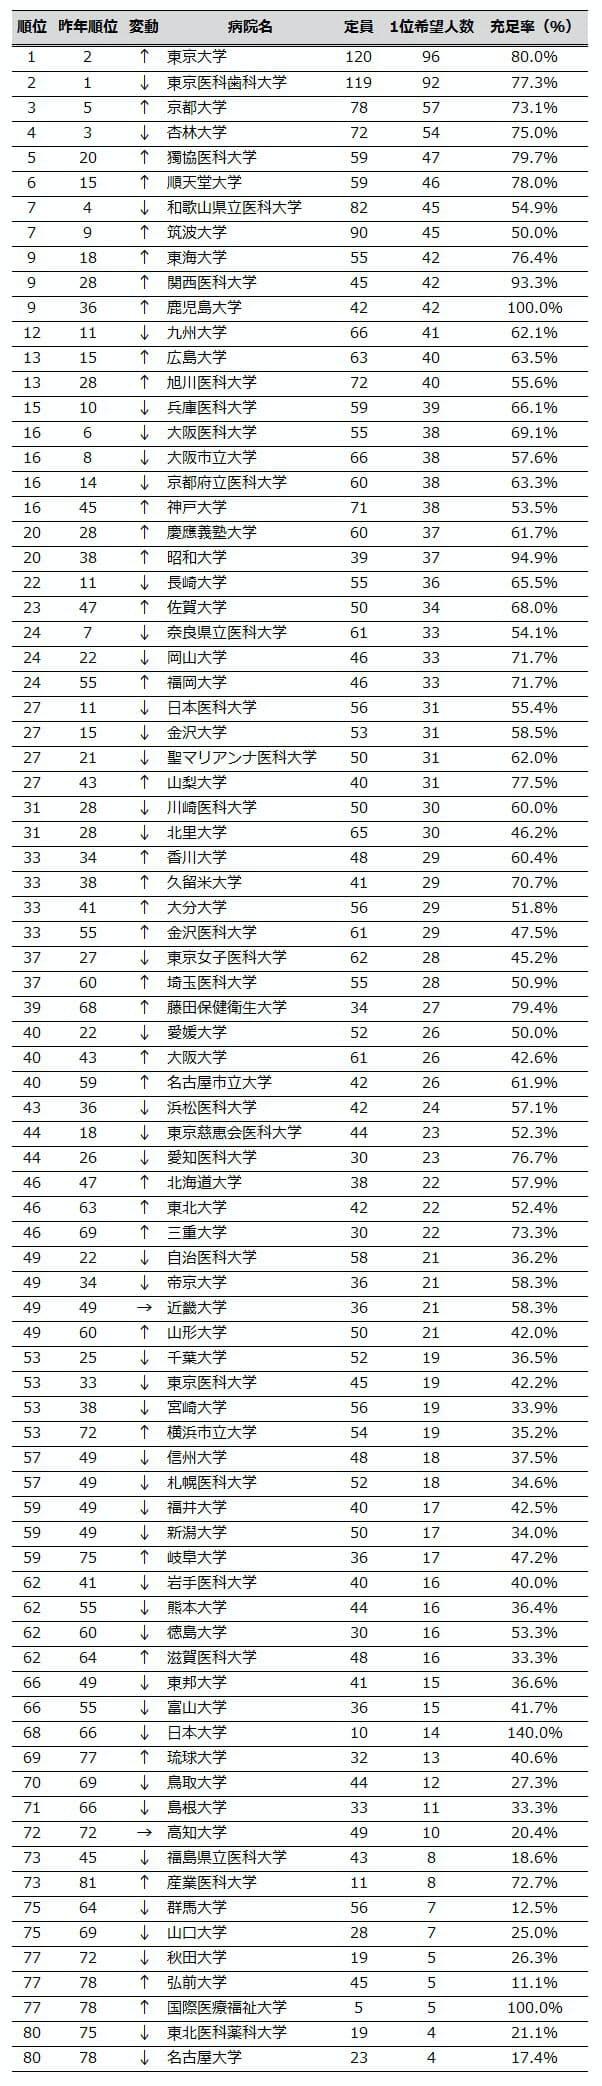 医学部を持つ大学・医科大学の計81の本院分のみ集計。1位希望人数の多い順にランキングした